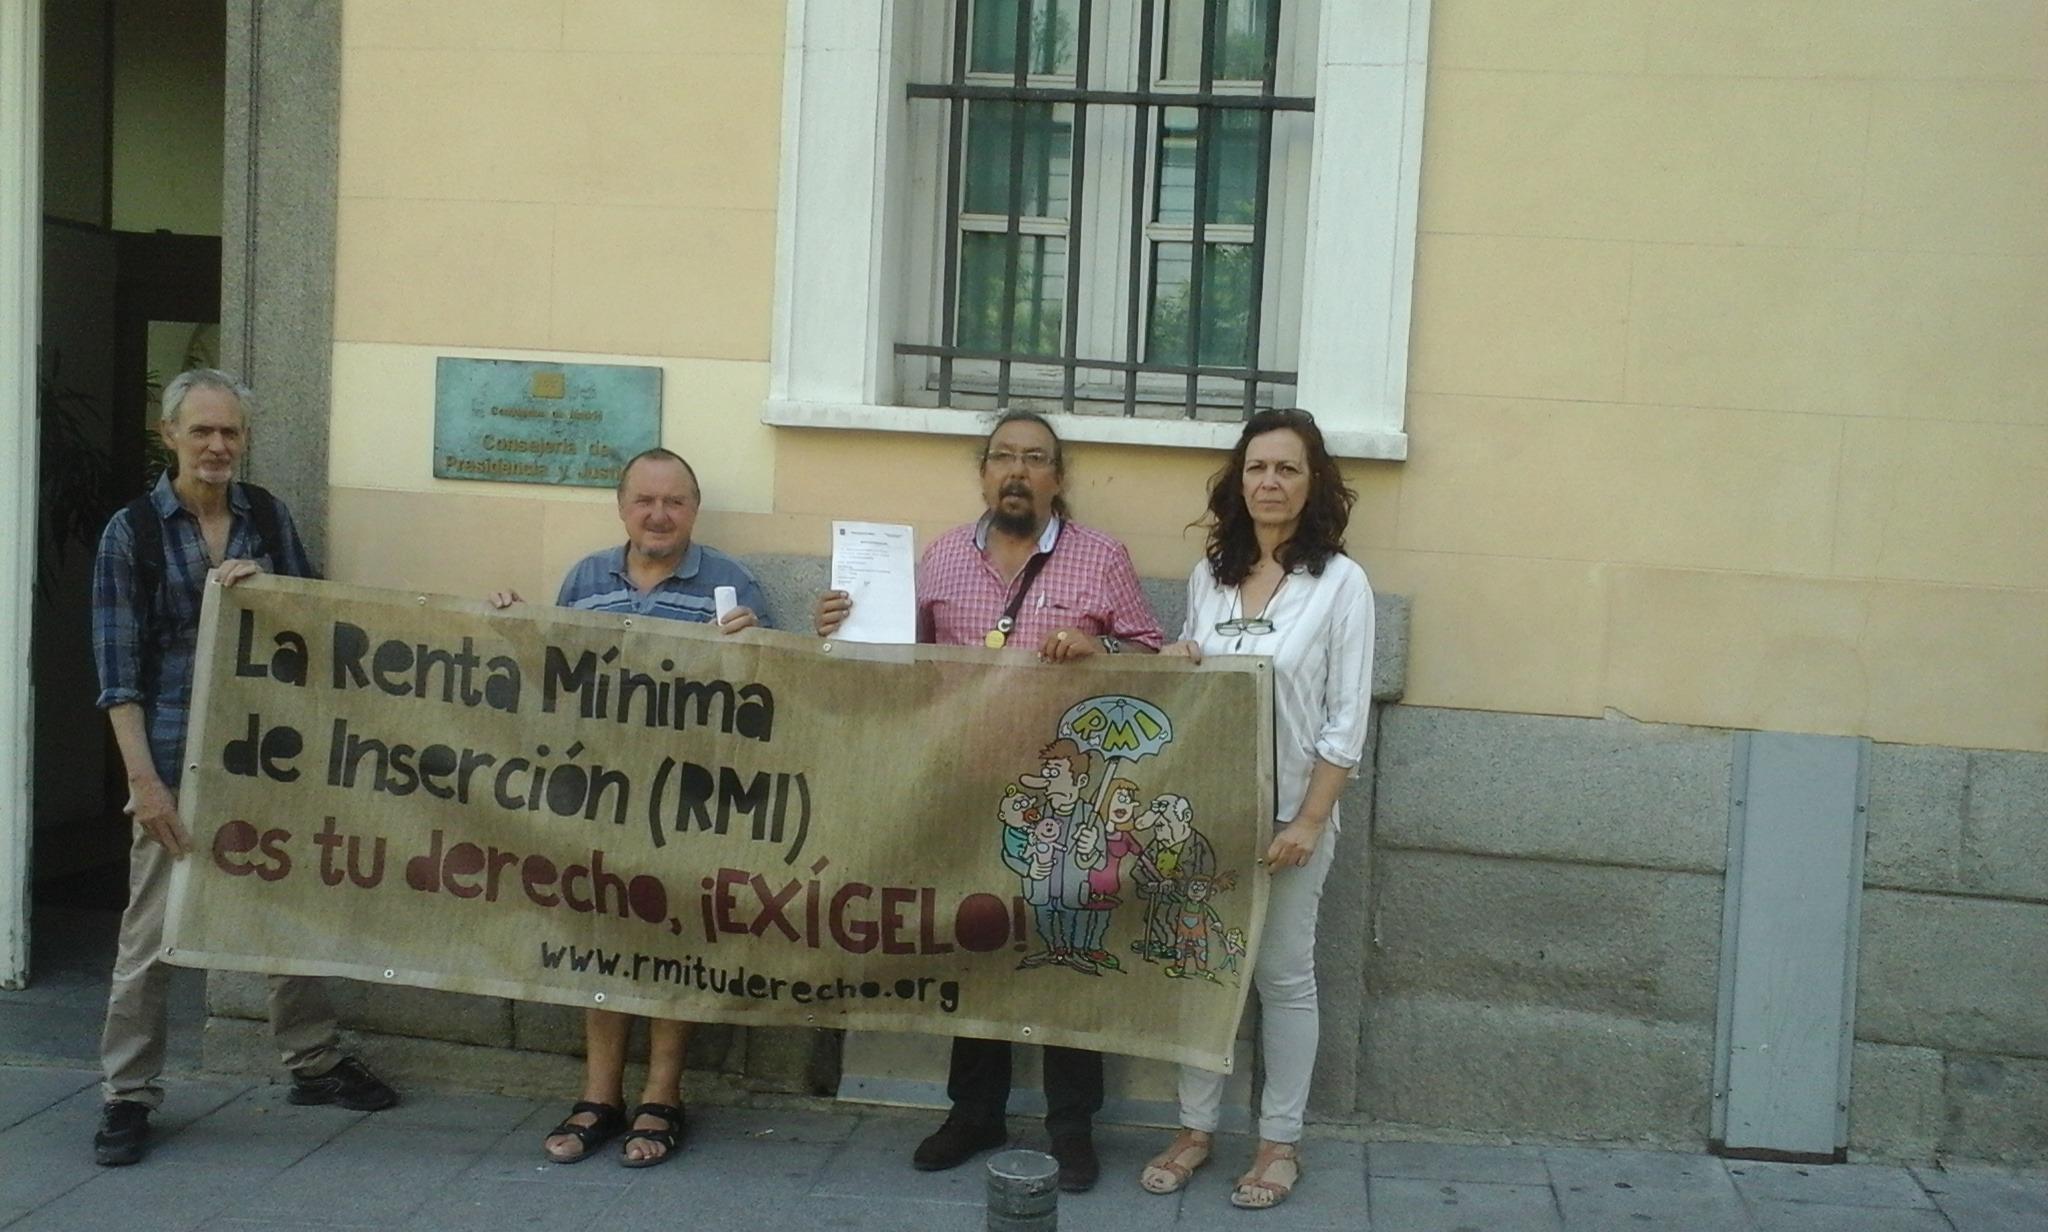 Carta a Cristina Cifuentes desde la Campaña RMI: tu derecho